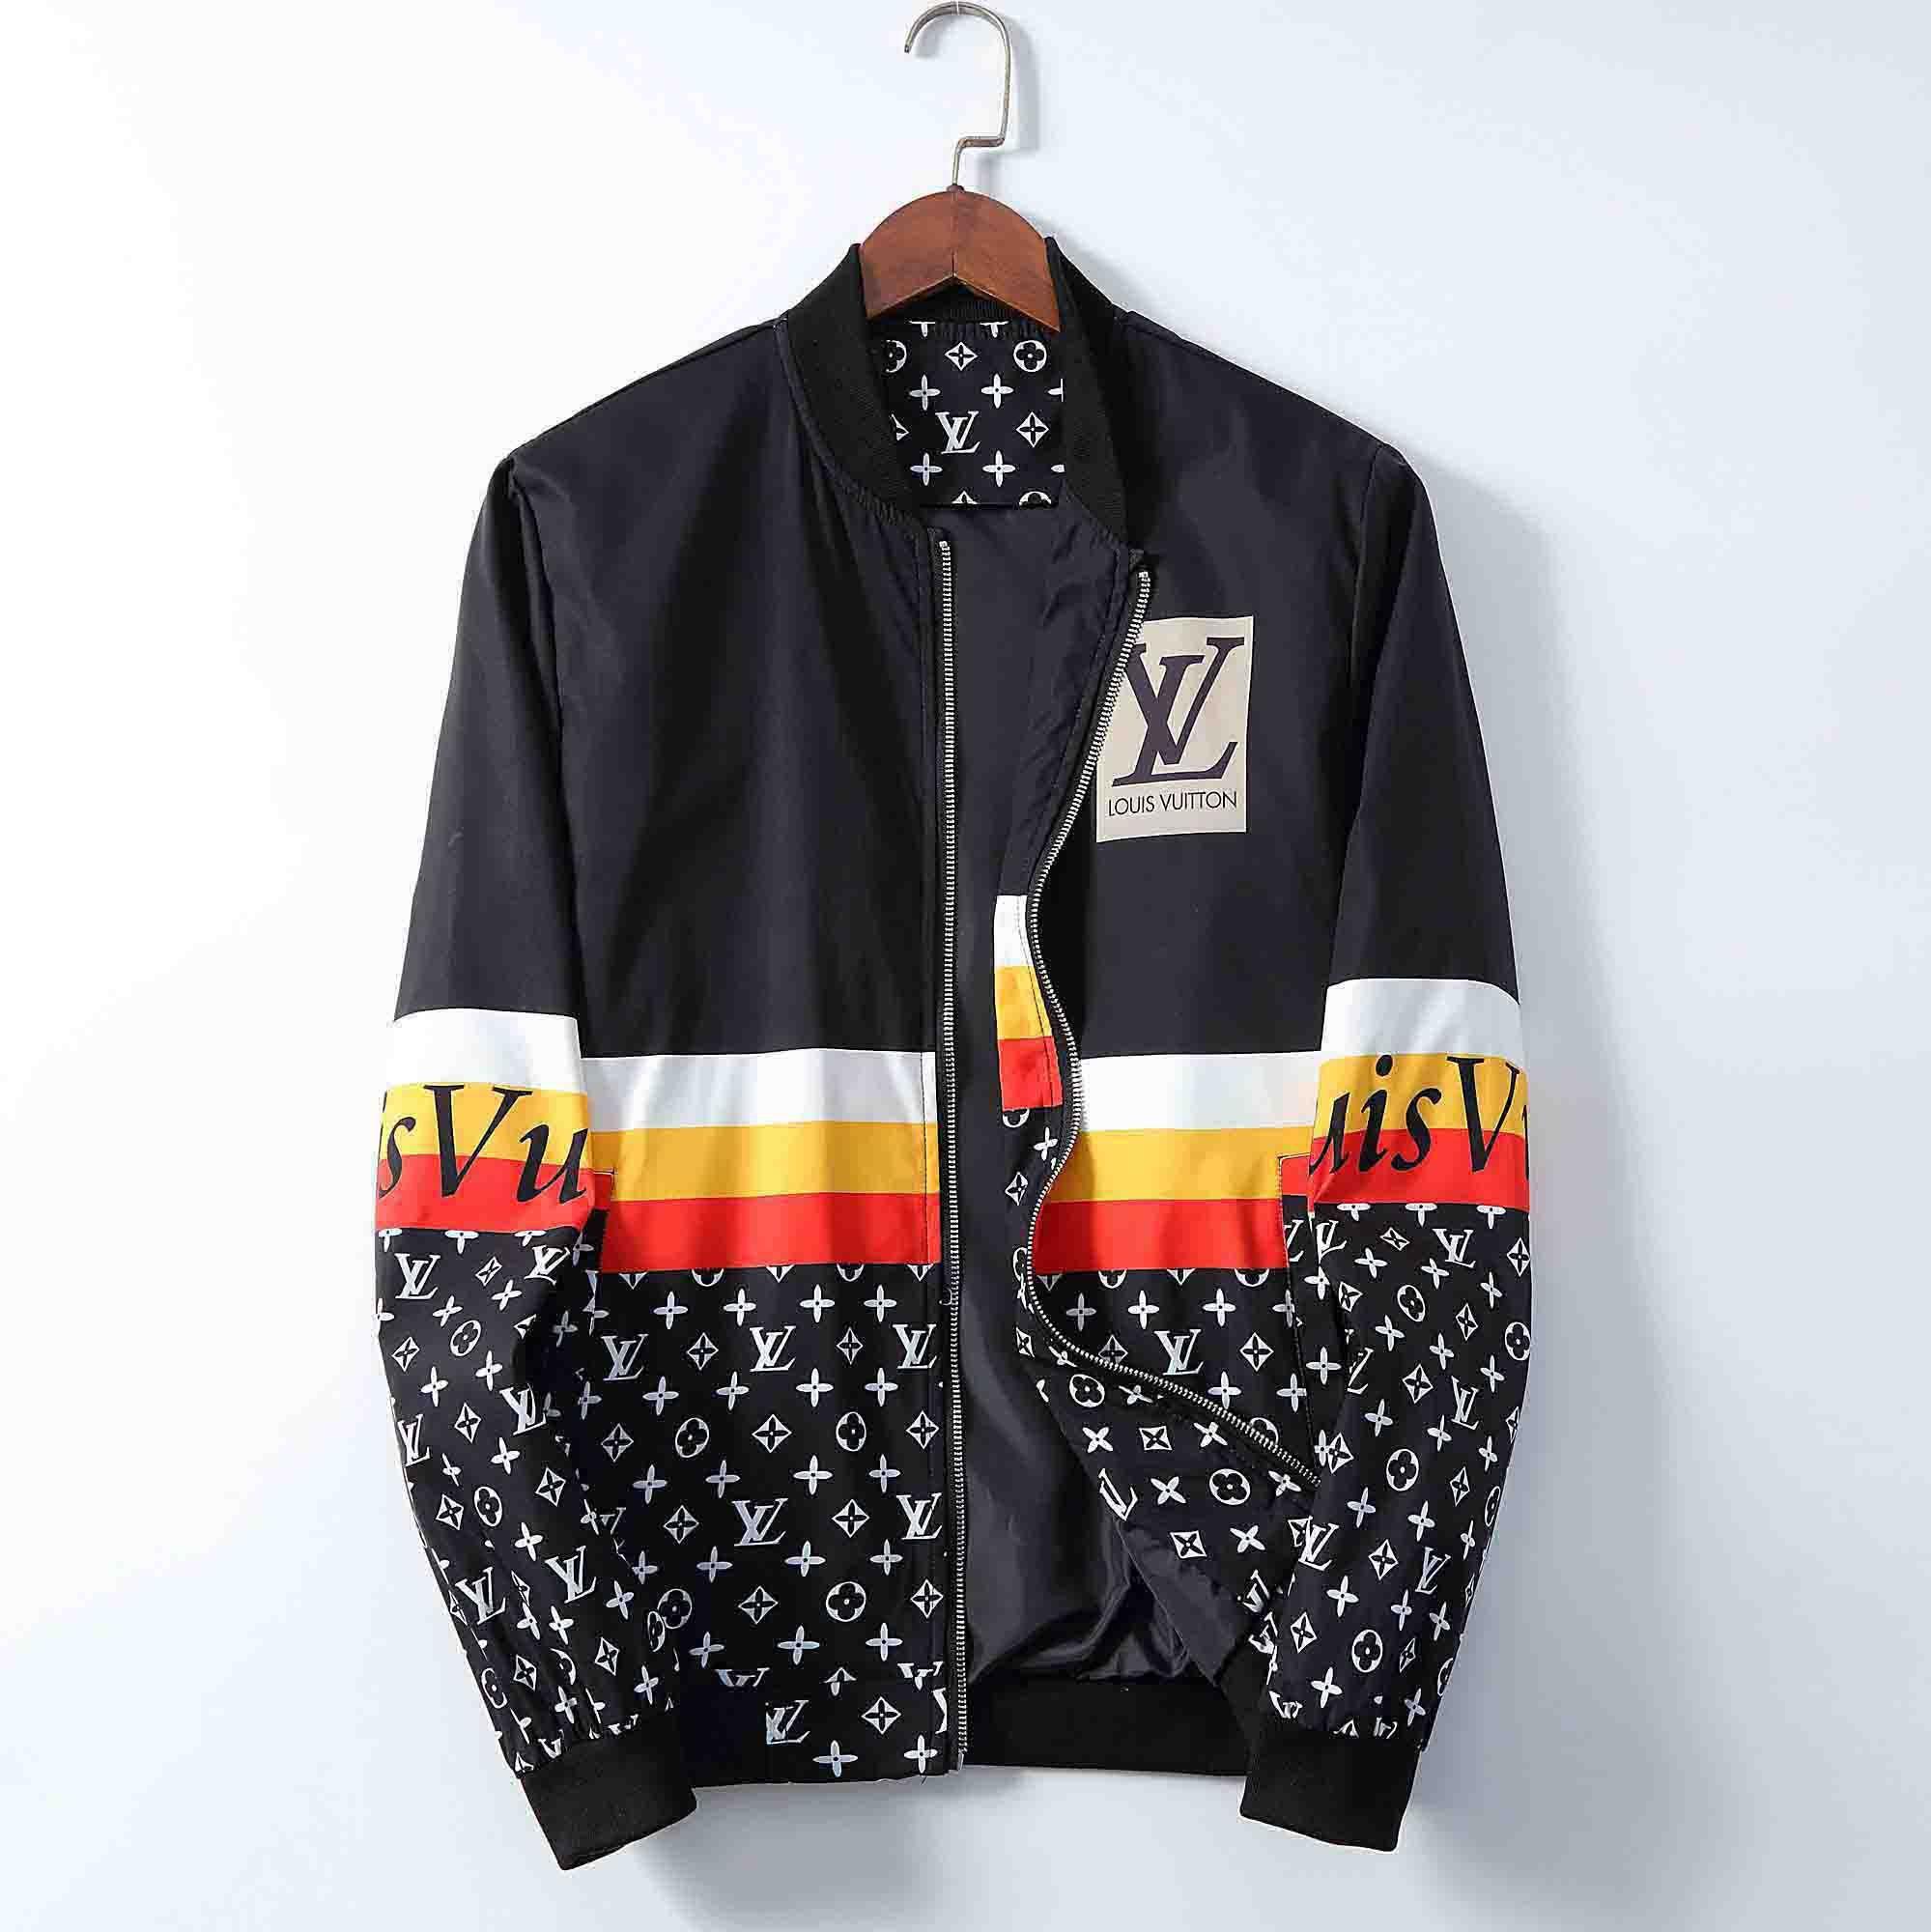 2020 Paris neue Art Herrenjacke Mode Persönlichkeit gedruckte Stickerei Mantel Medusa Jacke lose Stehkragen Strickjacke Reißverschluss Männer Mantel